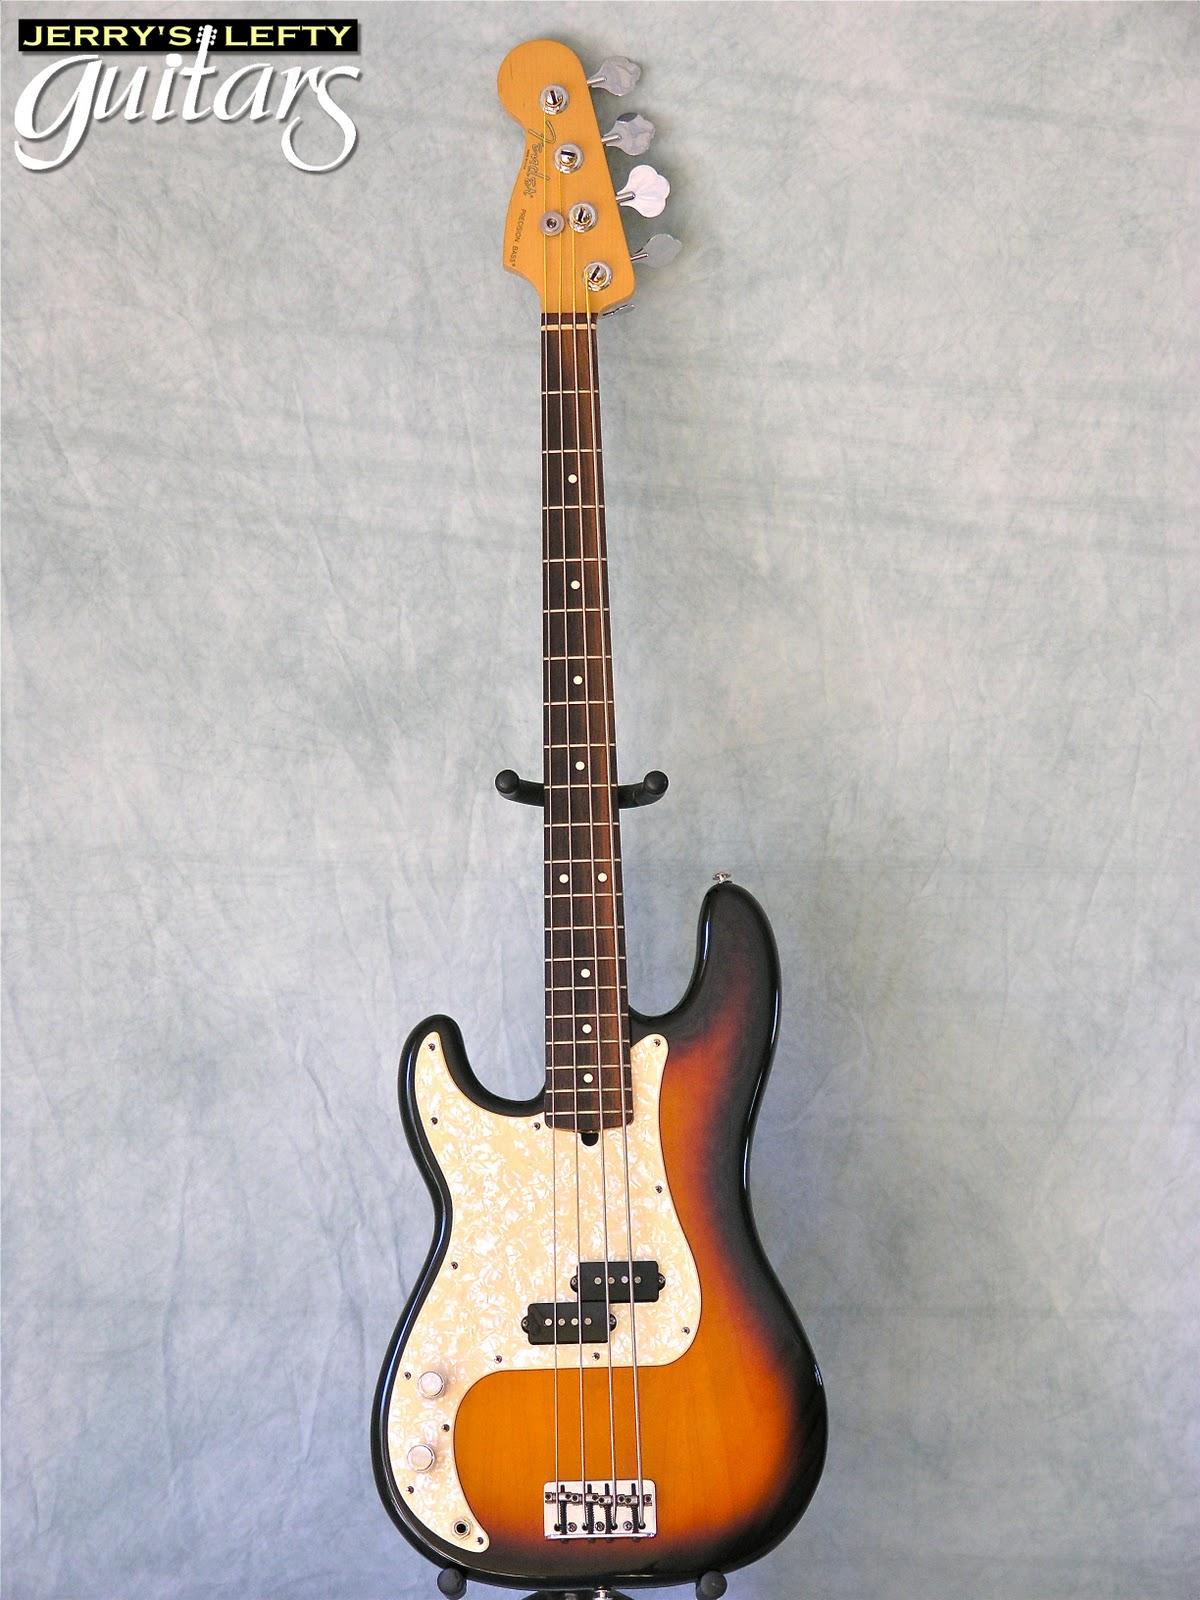 http://1.bp.blogspot.com/_5hzaEBBP7BQ/TURnbtvOOnI/AAAAAAAACA4/ibSoXoq0RrM/s1600/fender-precision-bass-1991-f.jpg